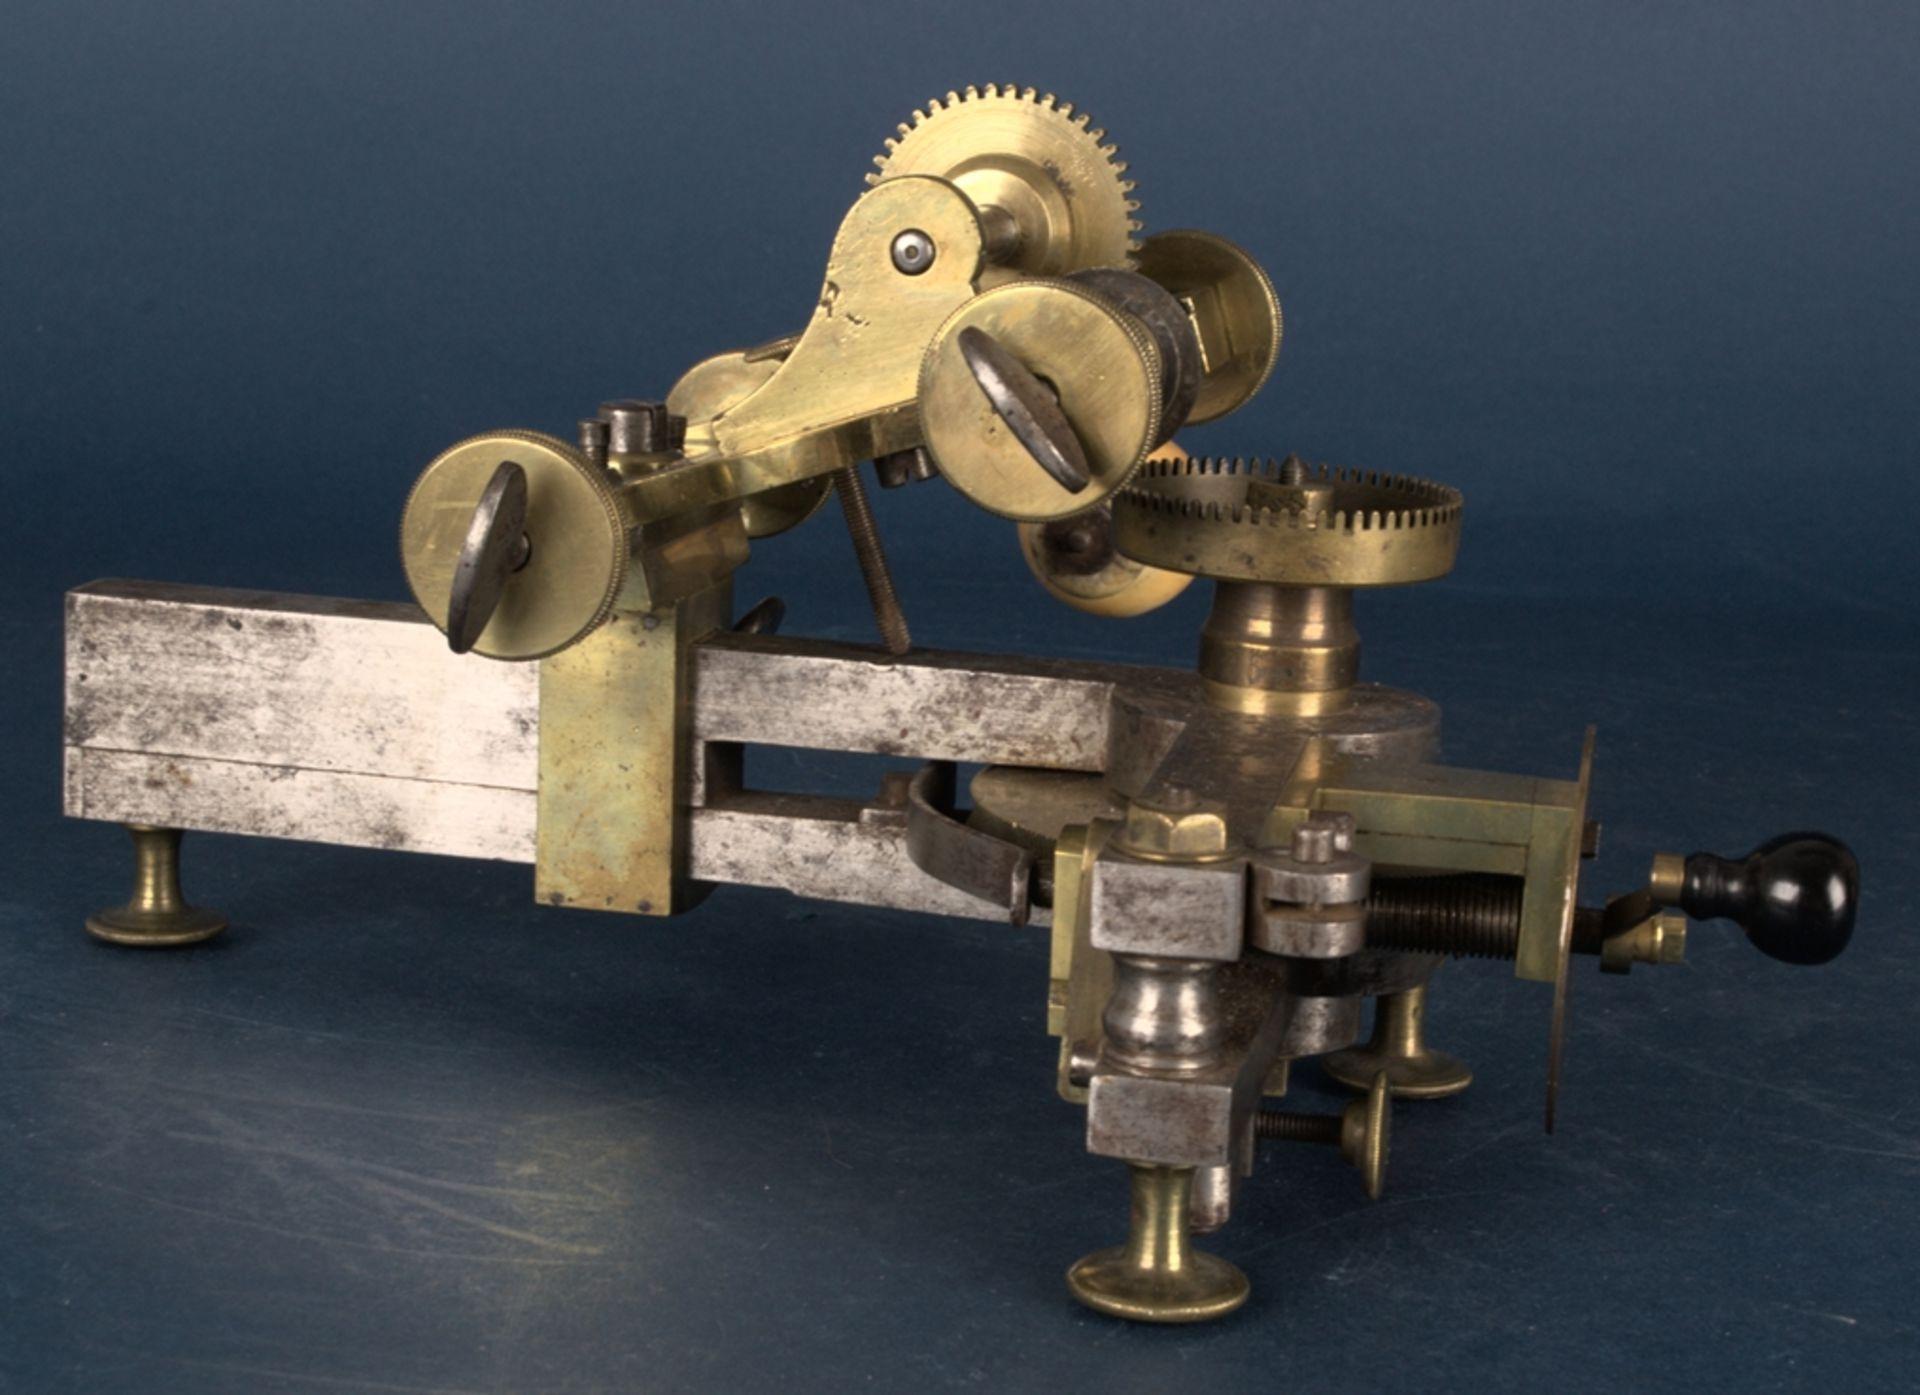 Zahnradfräsmaschine/Zahnräderschneidemaschine, frühes Uhrmacherwerkzeug, deutsch Mitte 18. Jhd., - Bild 2 aus 29